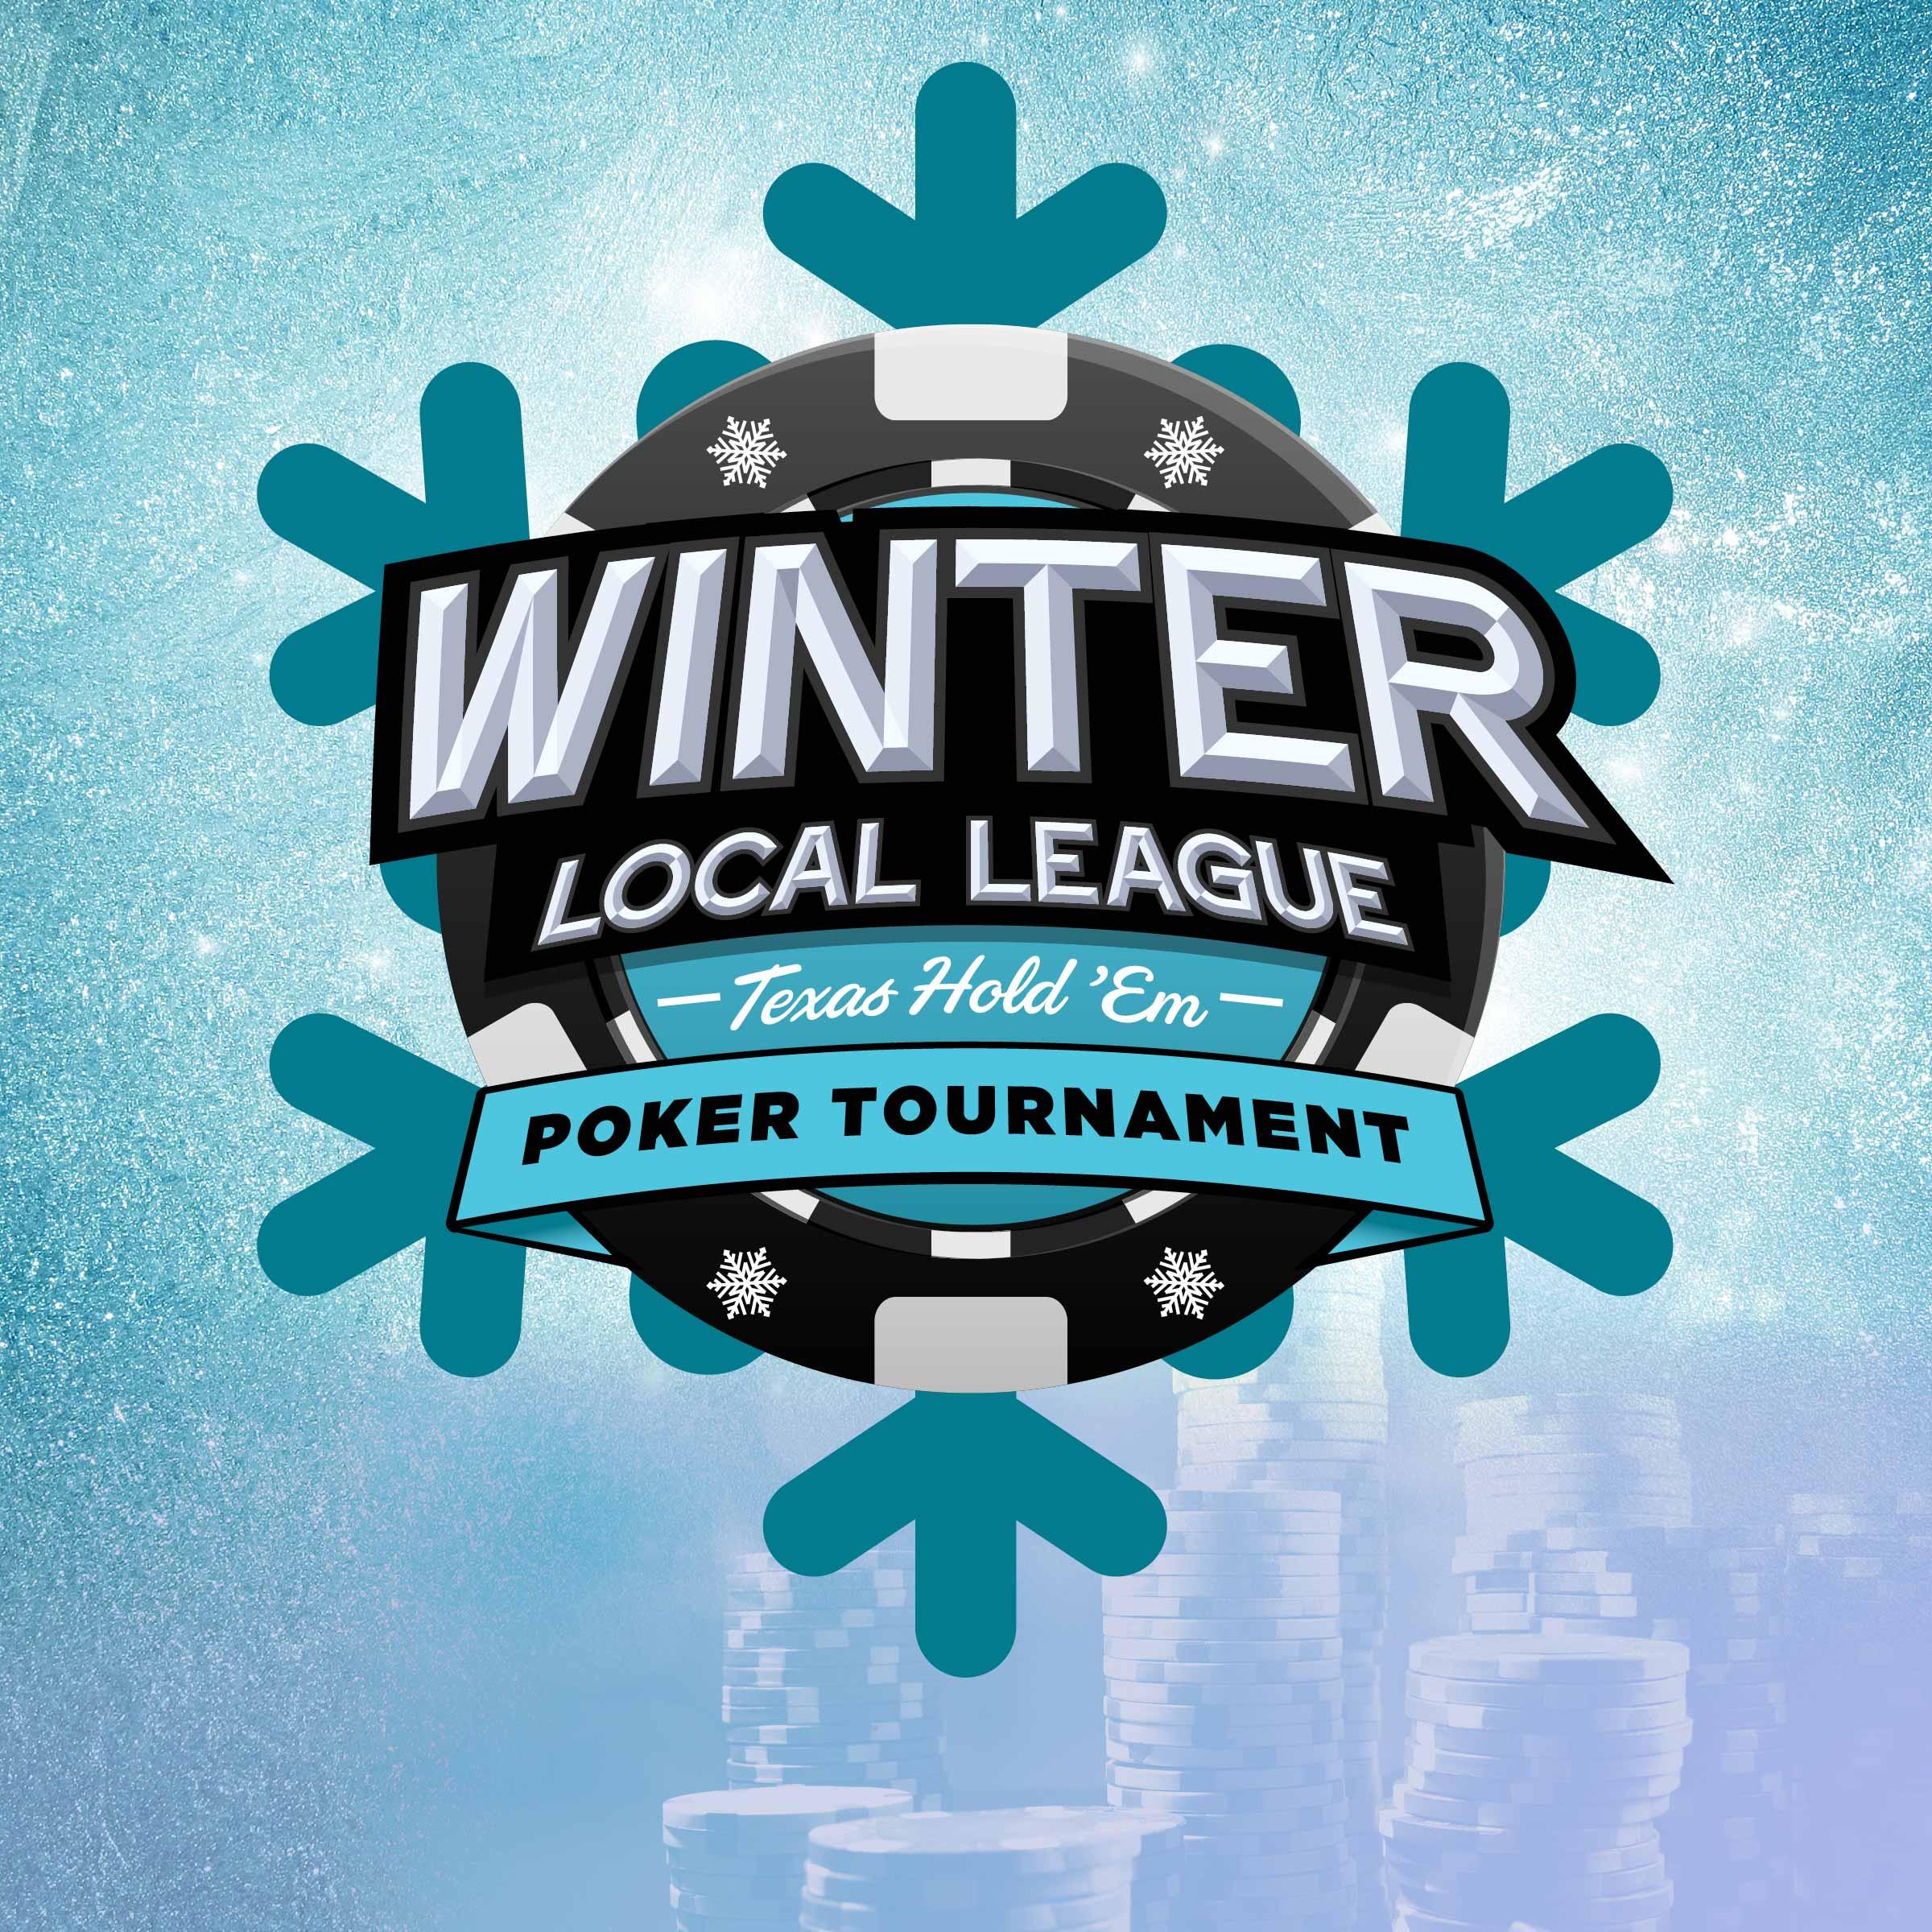 Winter Poker League